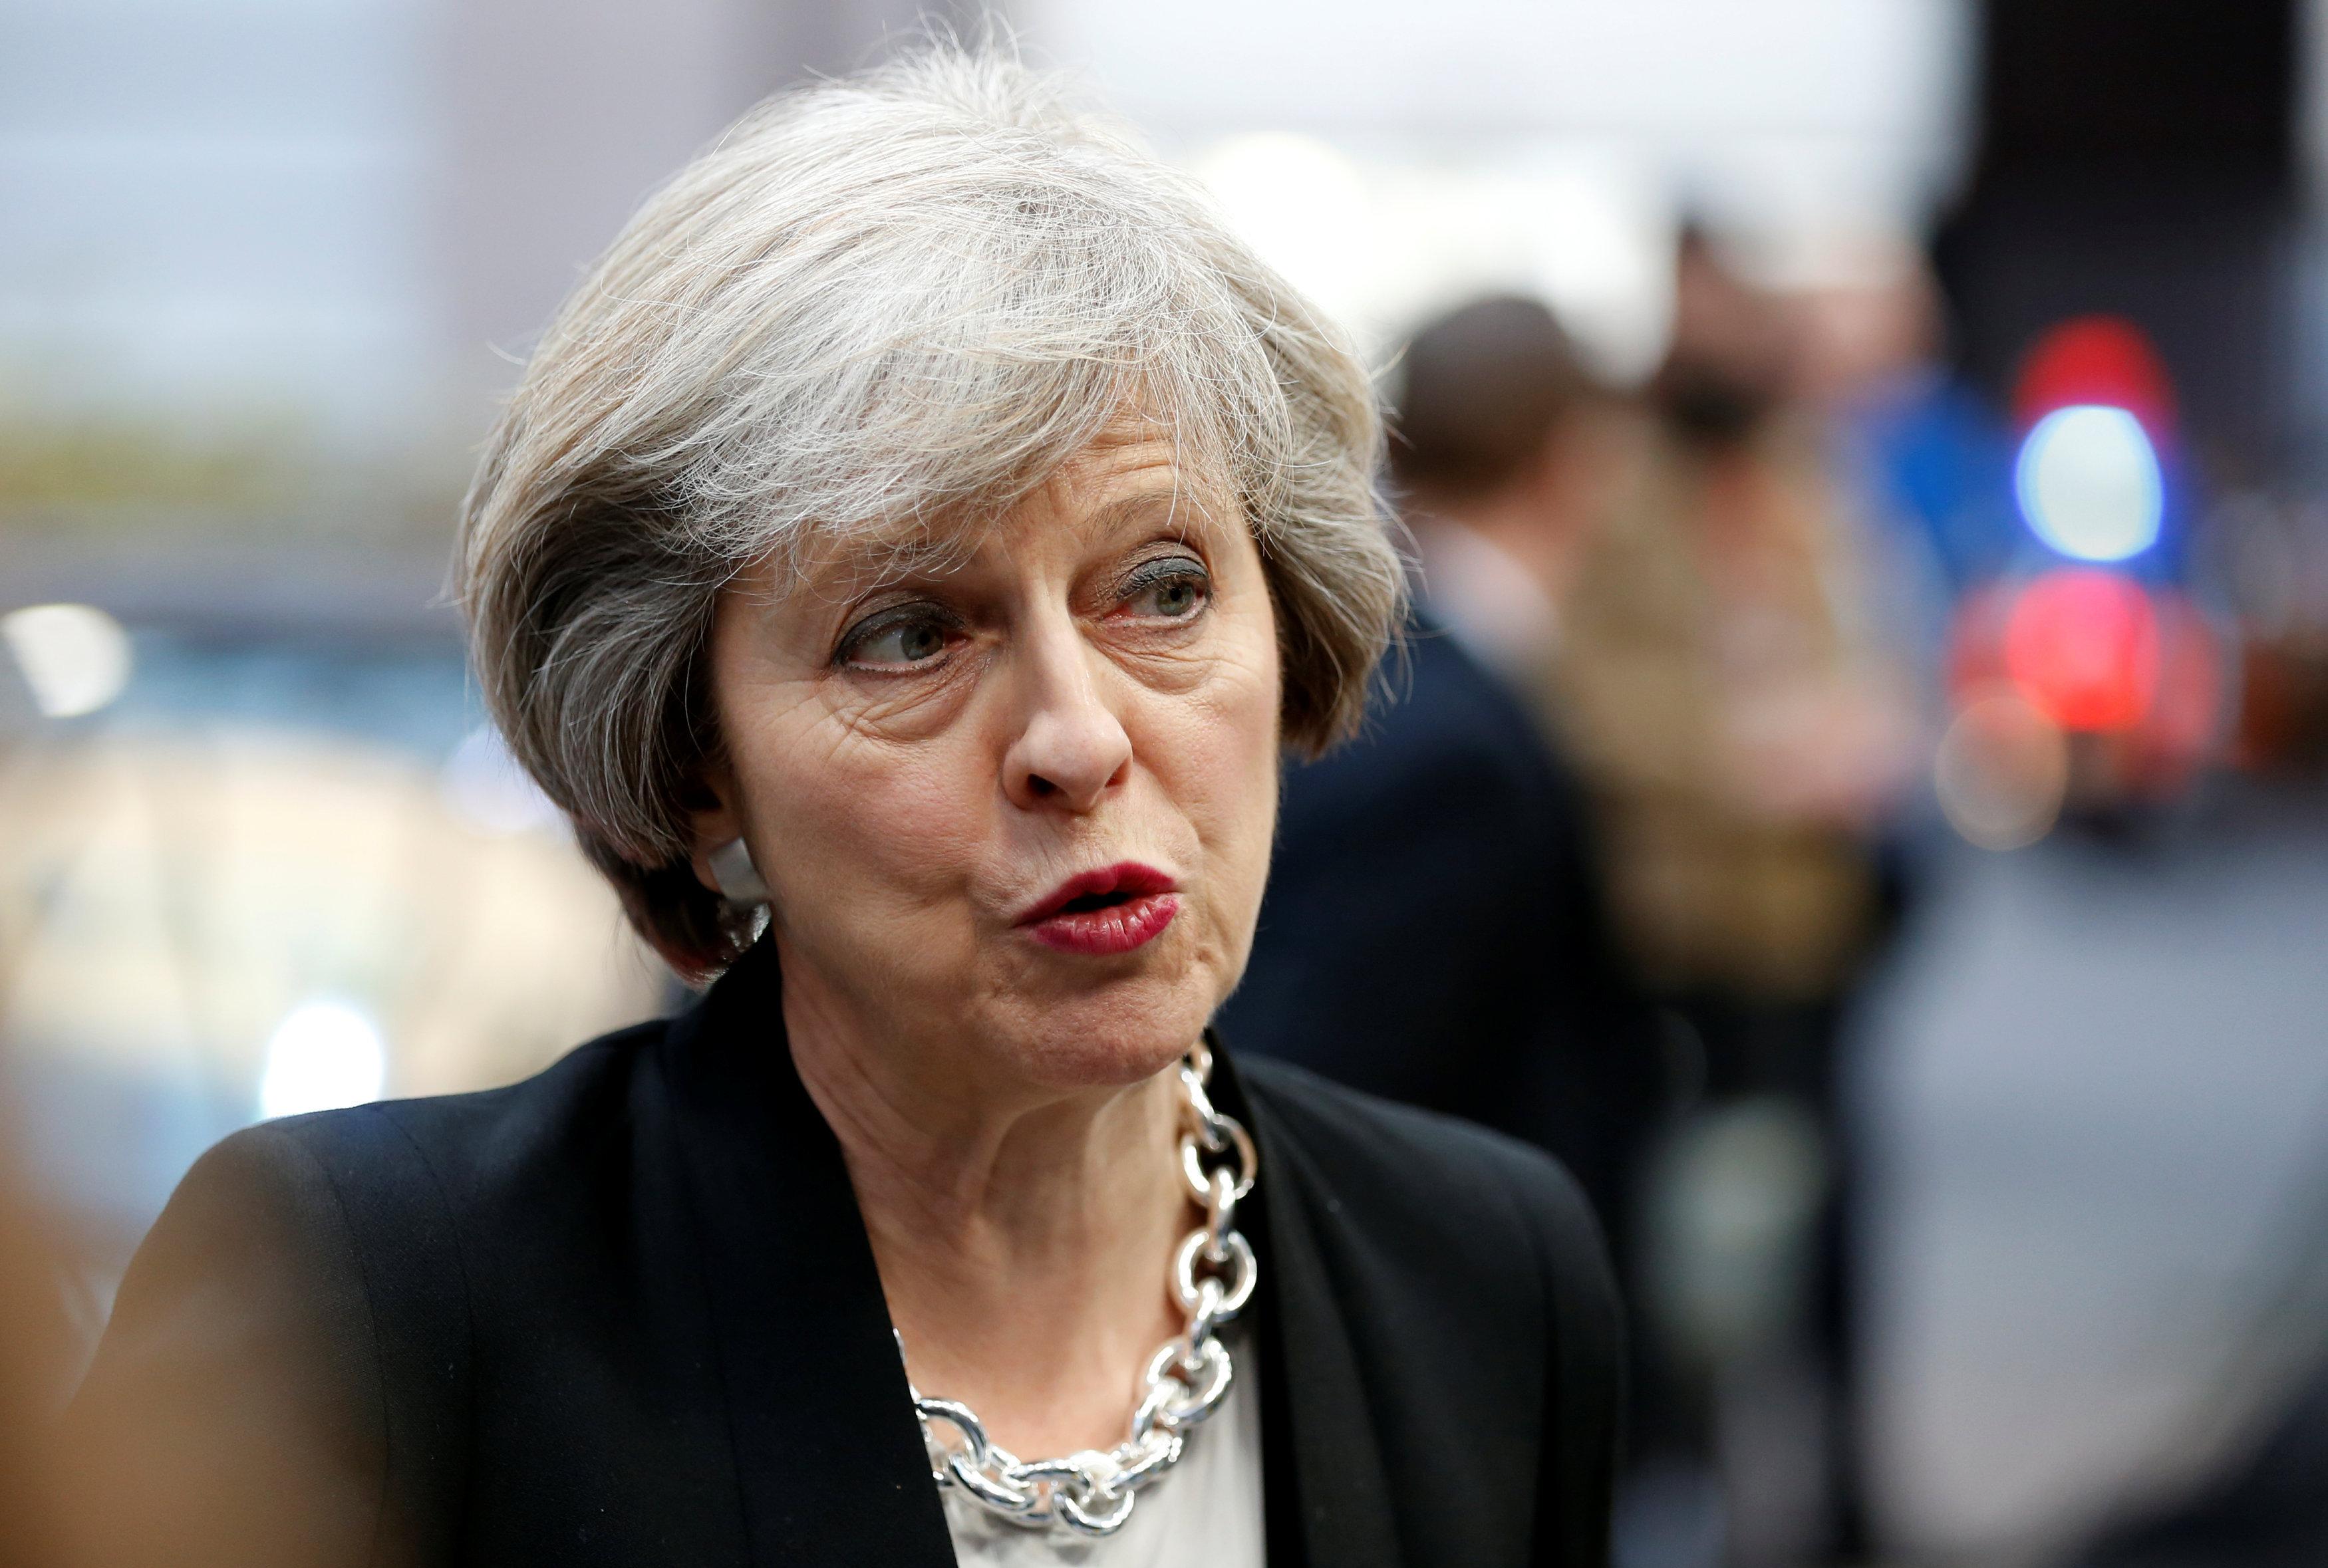 La victoire du Parti conservateur ressemble à une victoire à la Pyrrhus